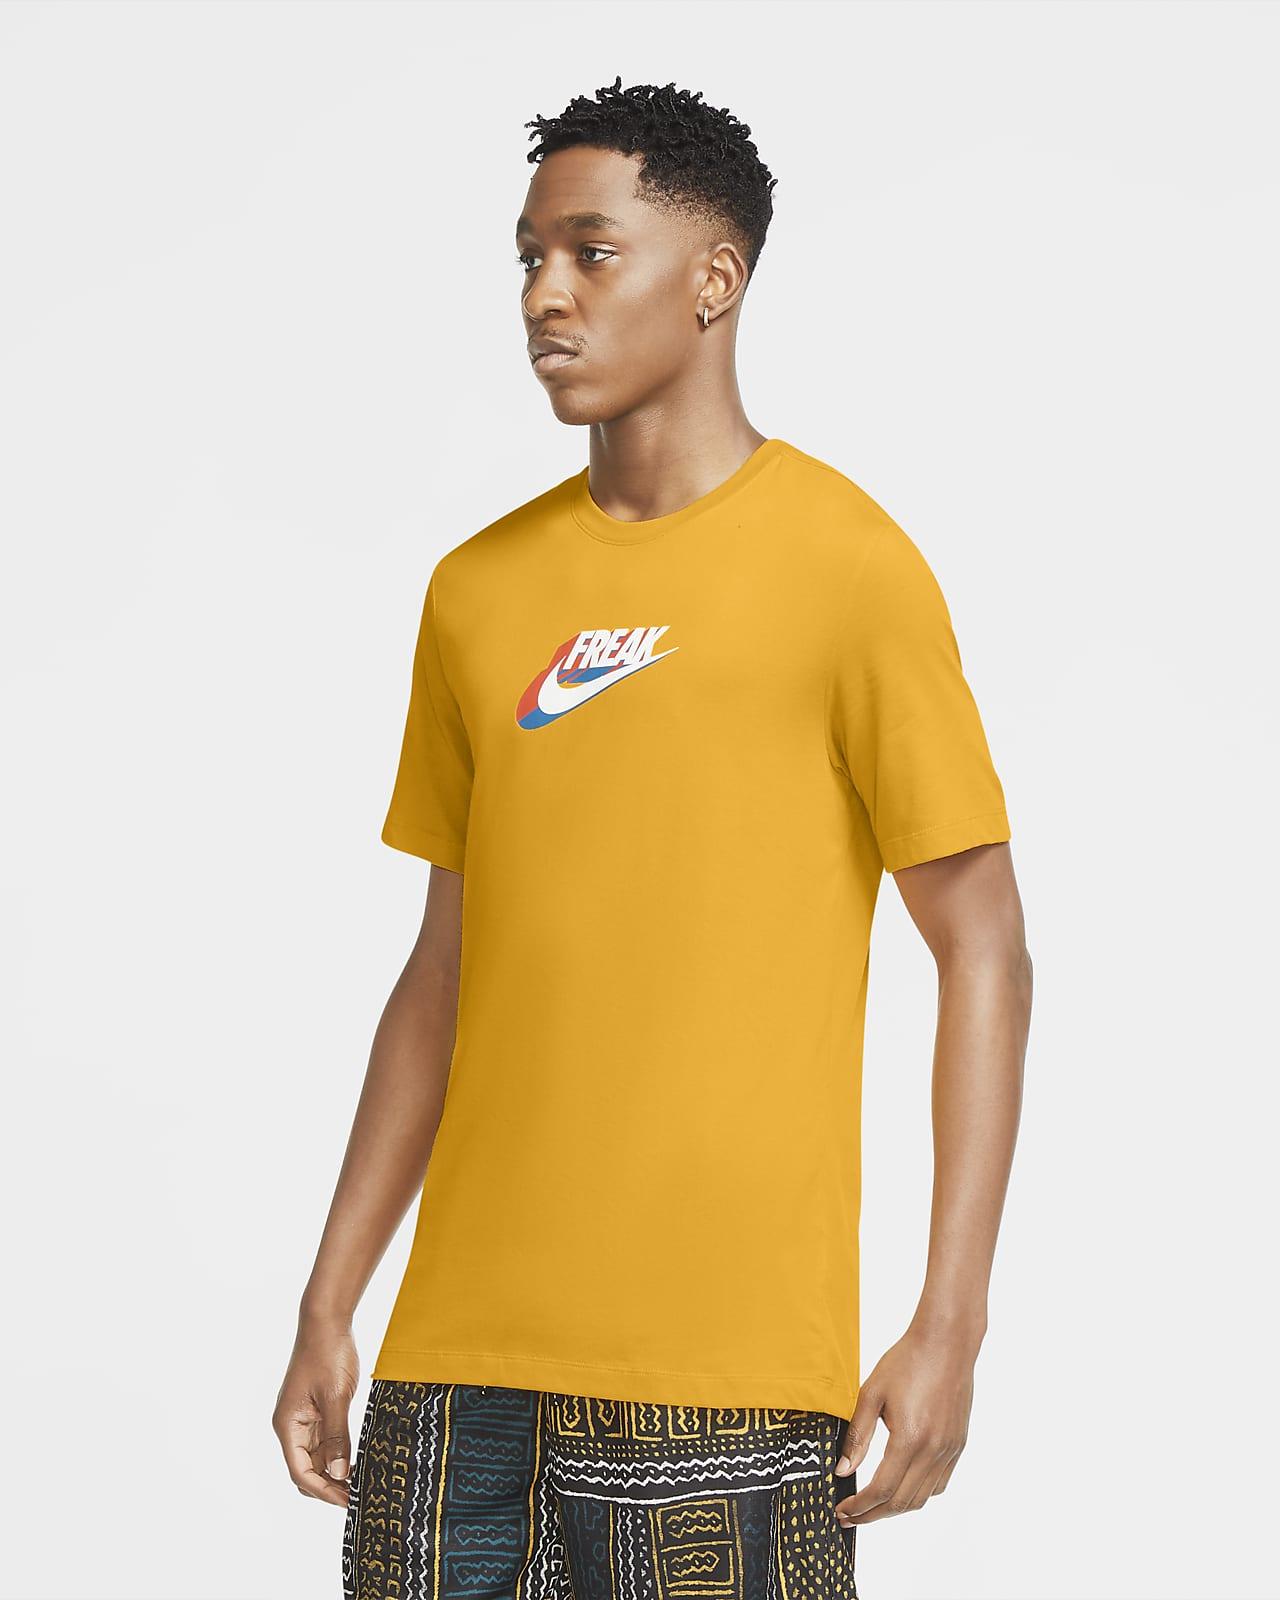 Giannis Swoosh Freak Camiseta Nike Dri-FIT - Hombre